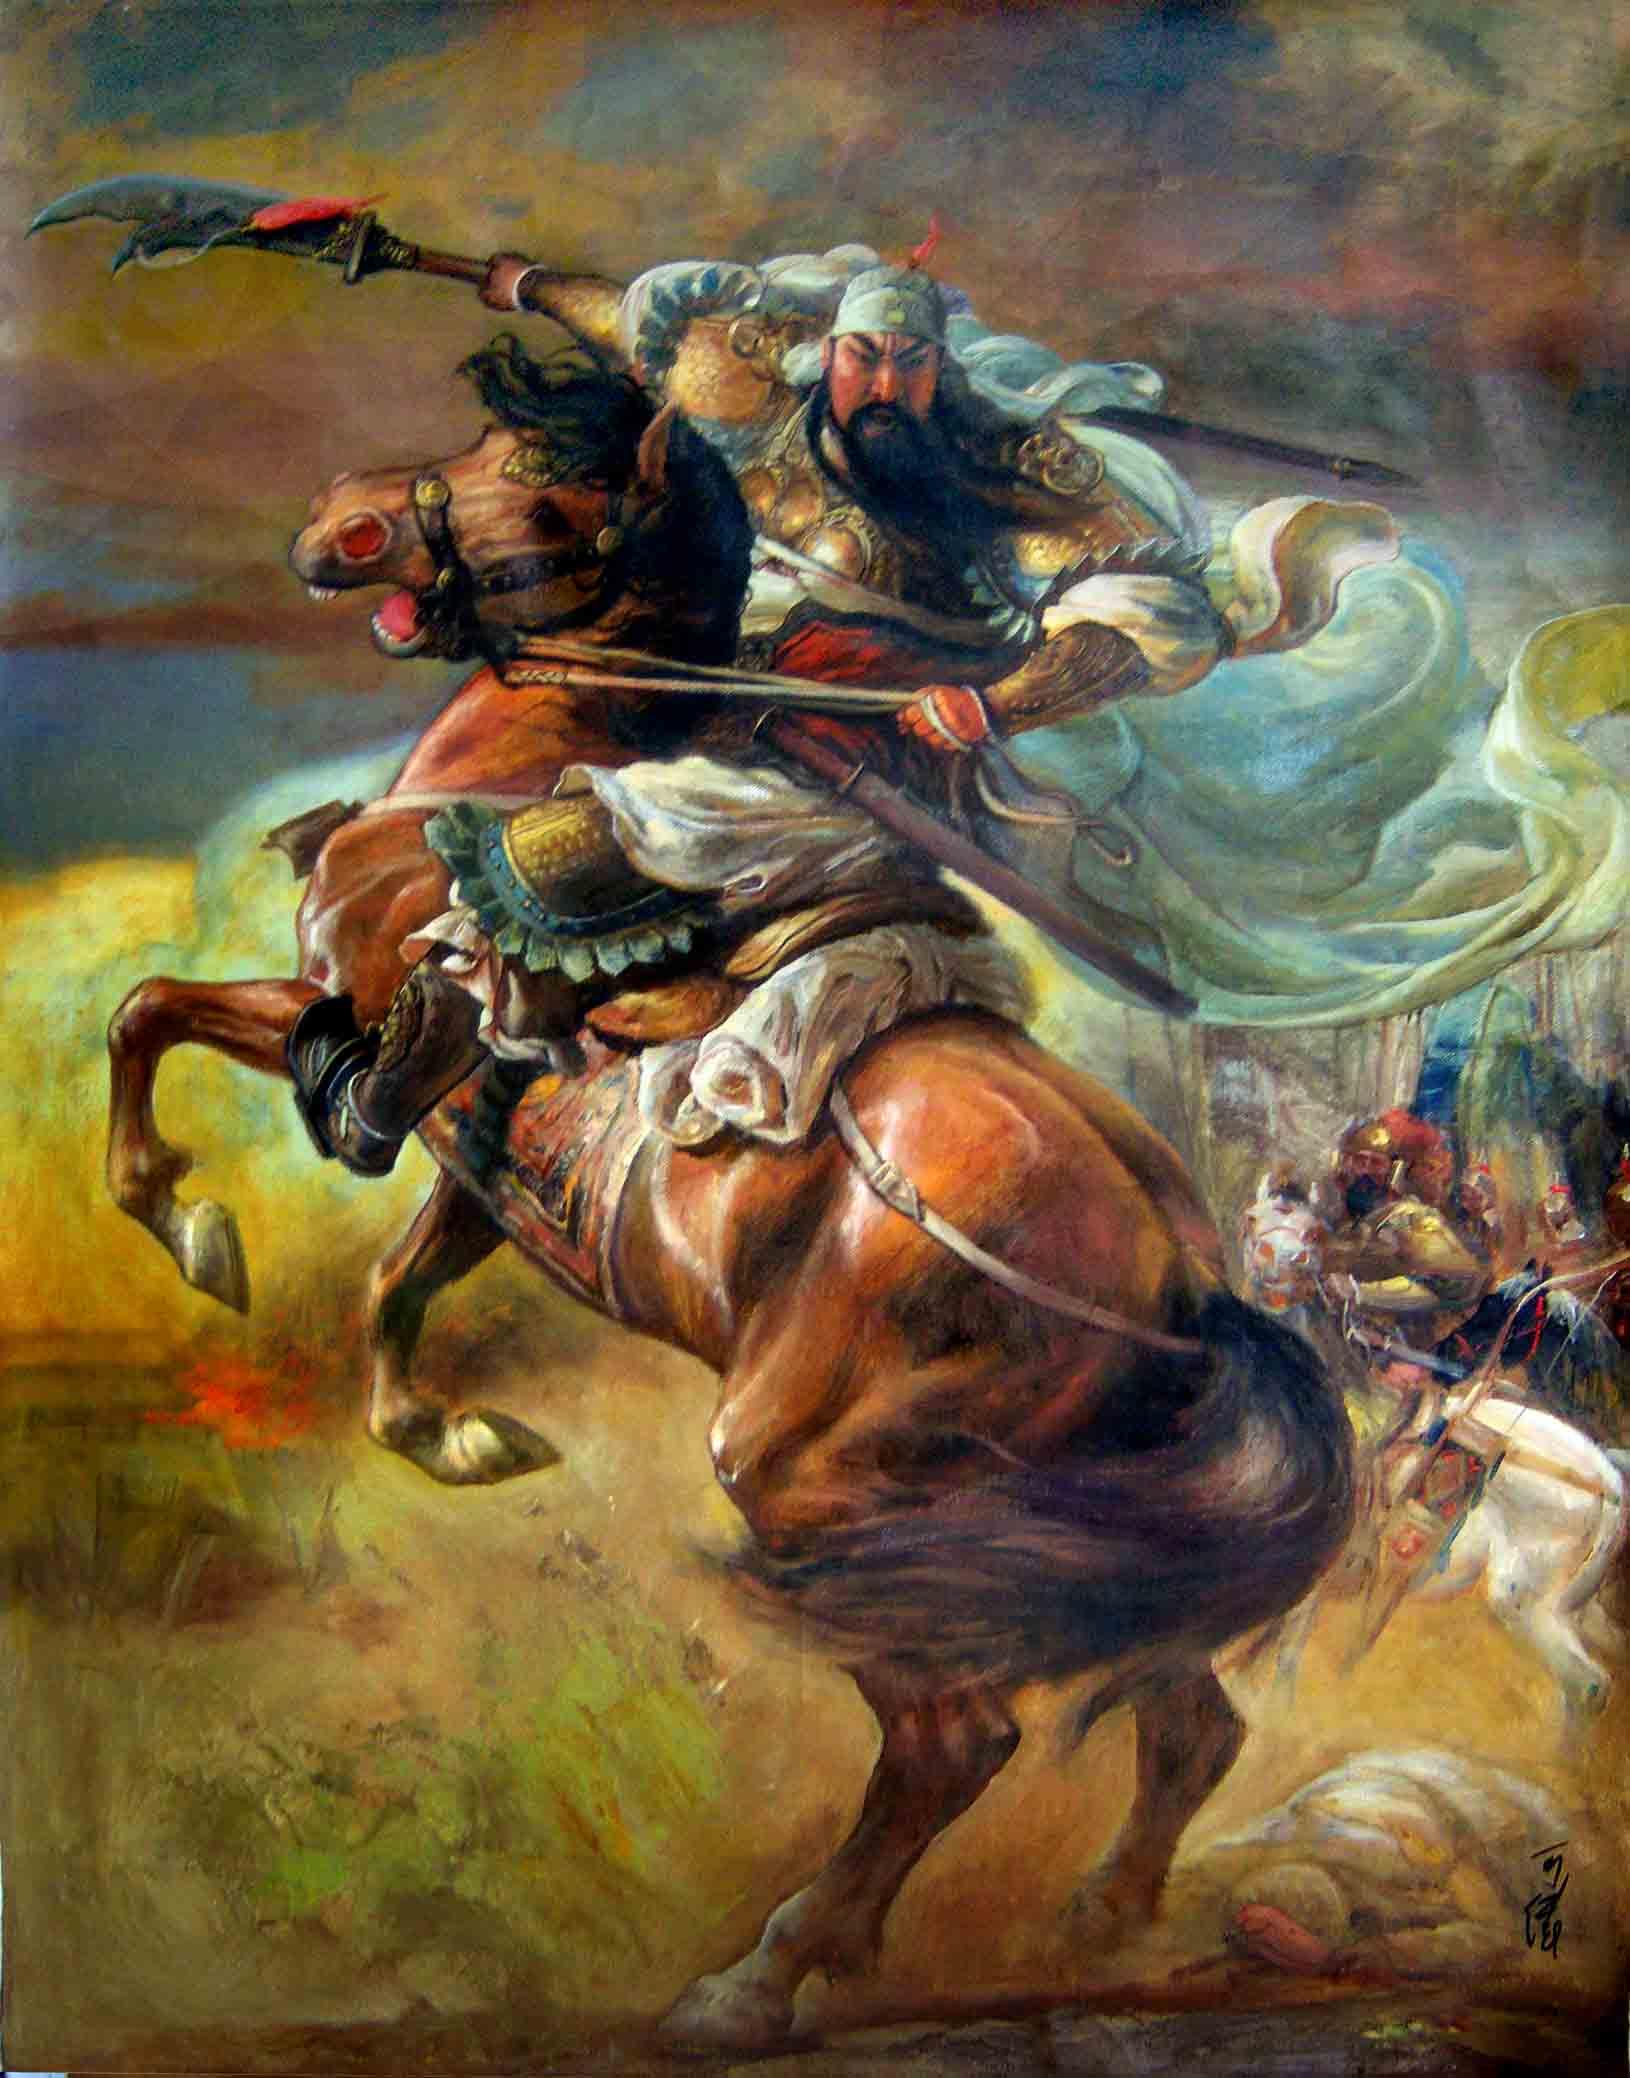 Japanese Generals 我想要一张一名古代将军骑马,马把前踢抬起来的图片要帅一点的,一定是古装,清楚点!跪求啊! 百度知道